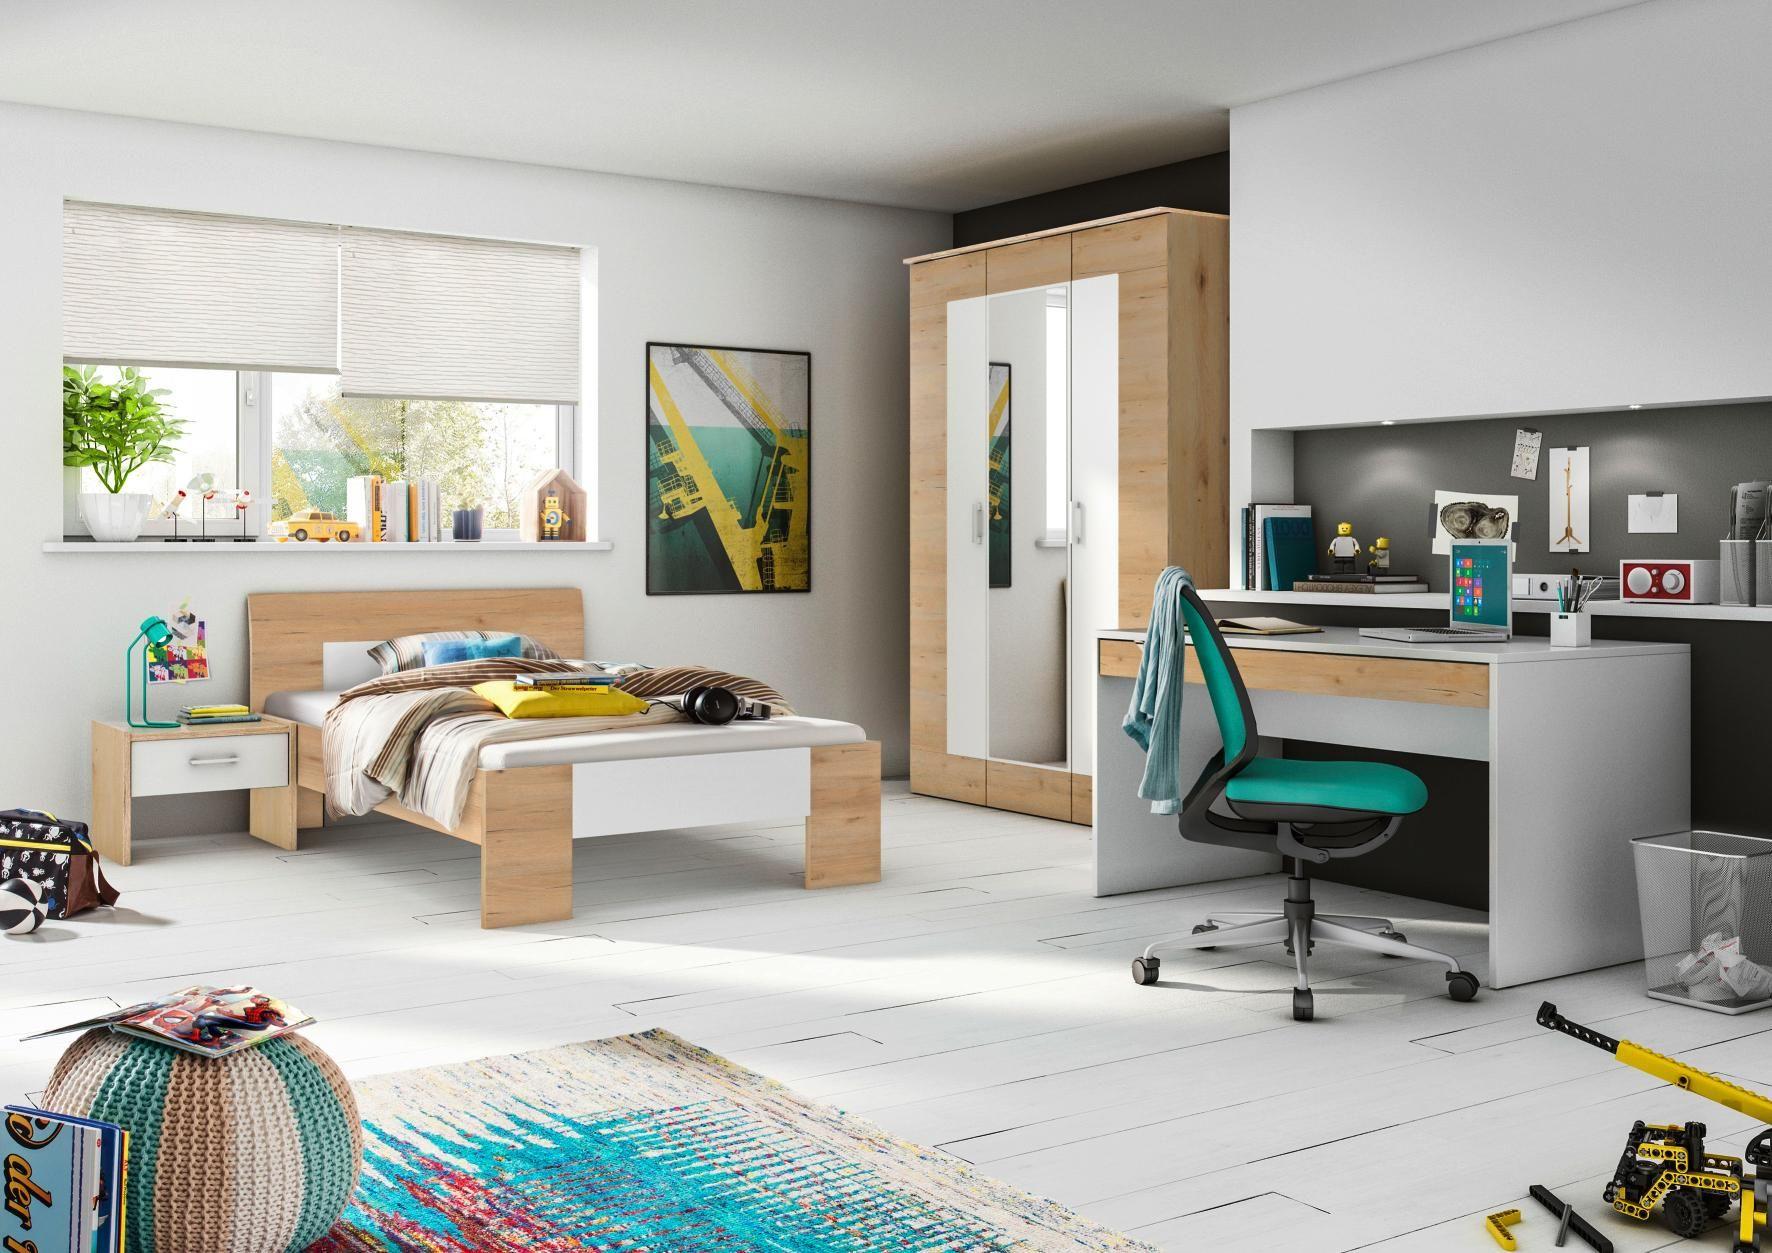 jugendzimmer von voleo zum wohlf hlen arbeiten und. Black Bedroom Furniture Sets. Home Design Ideas